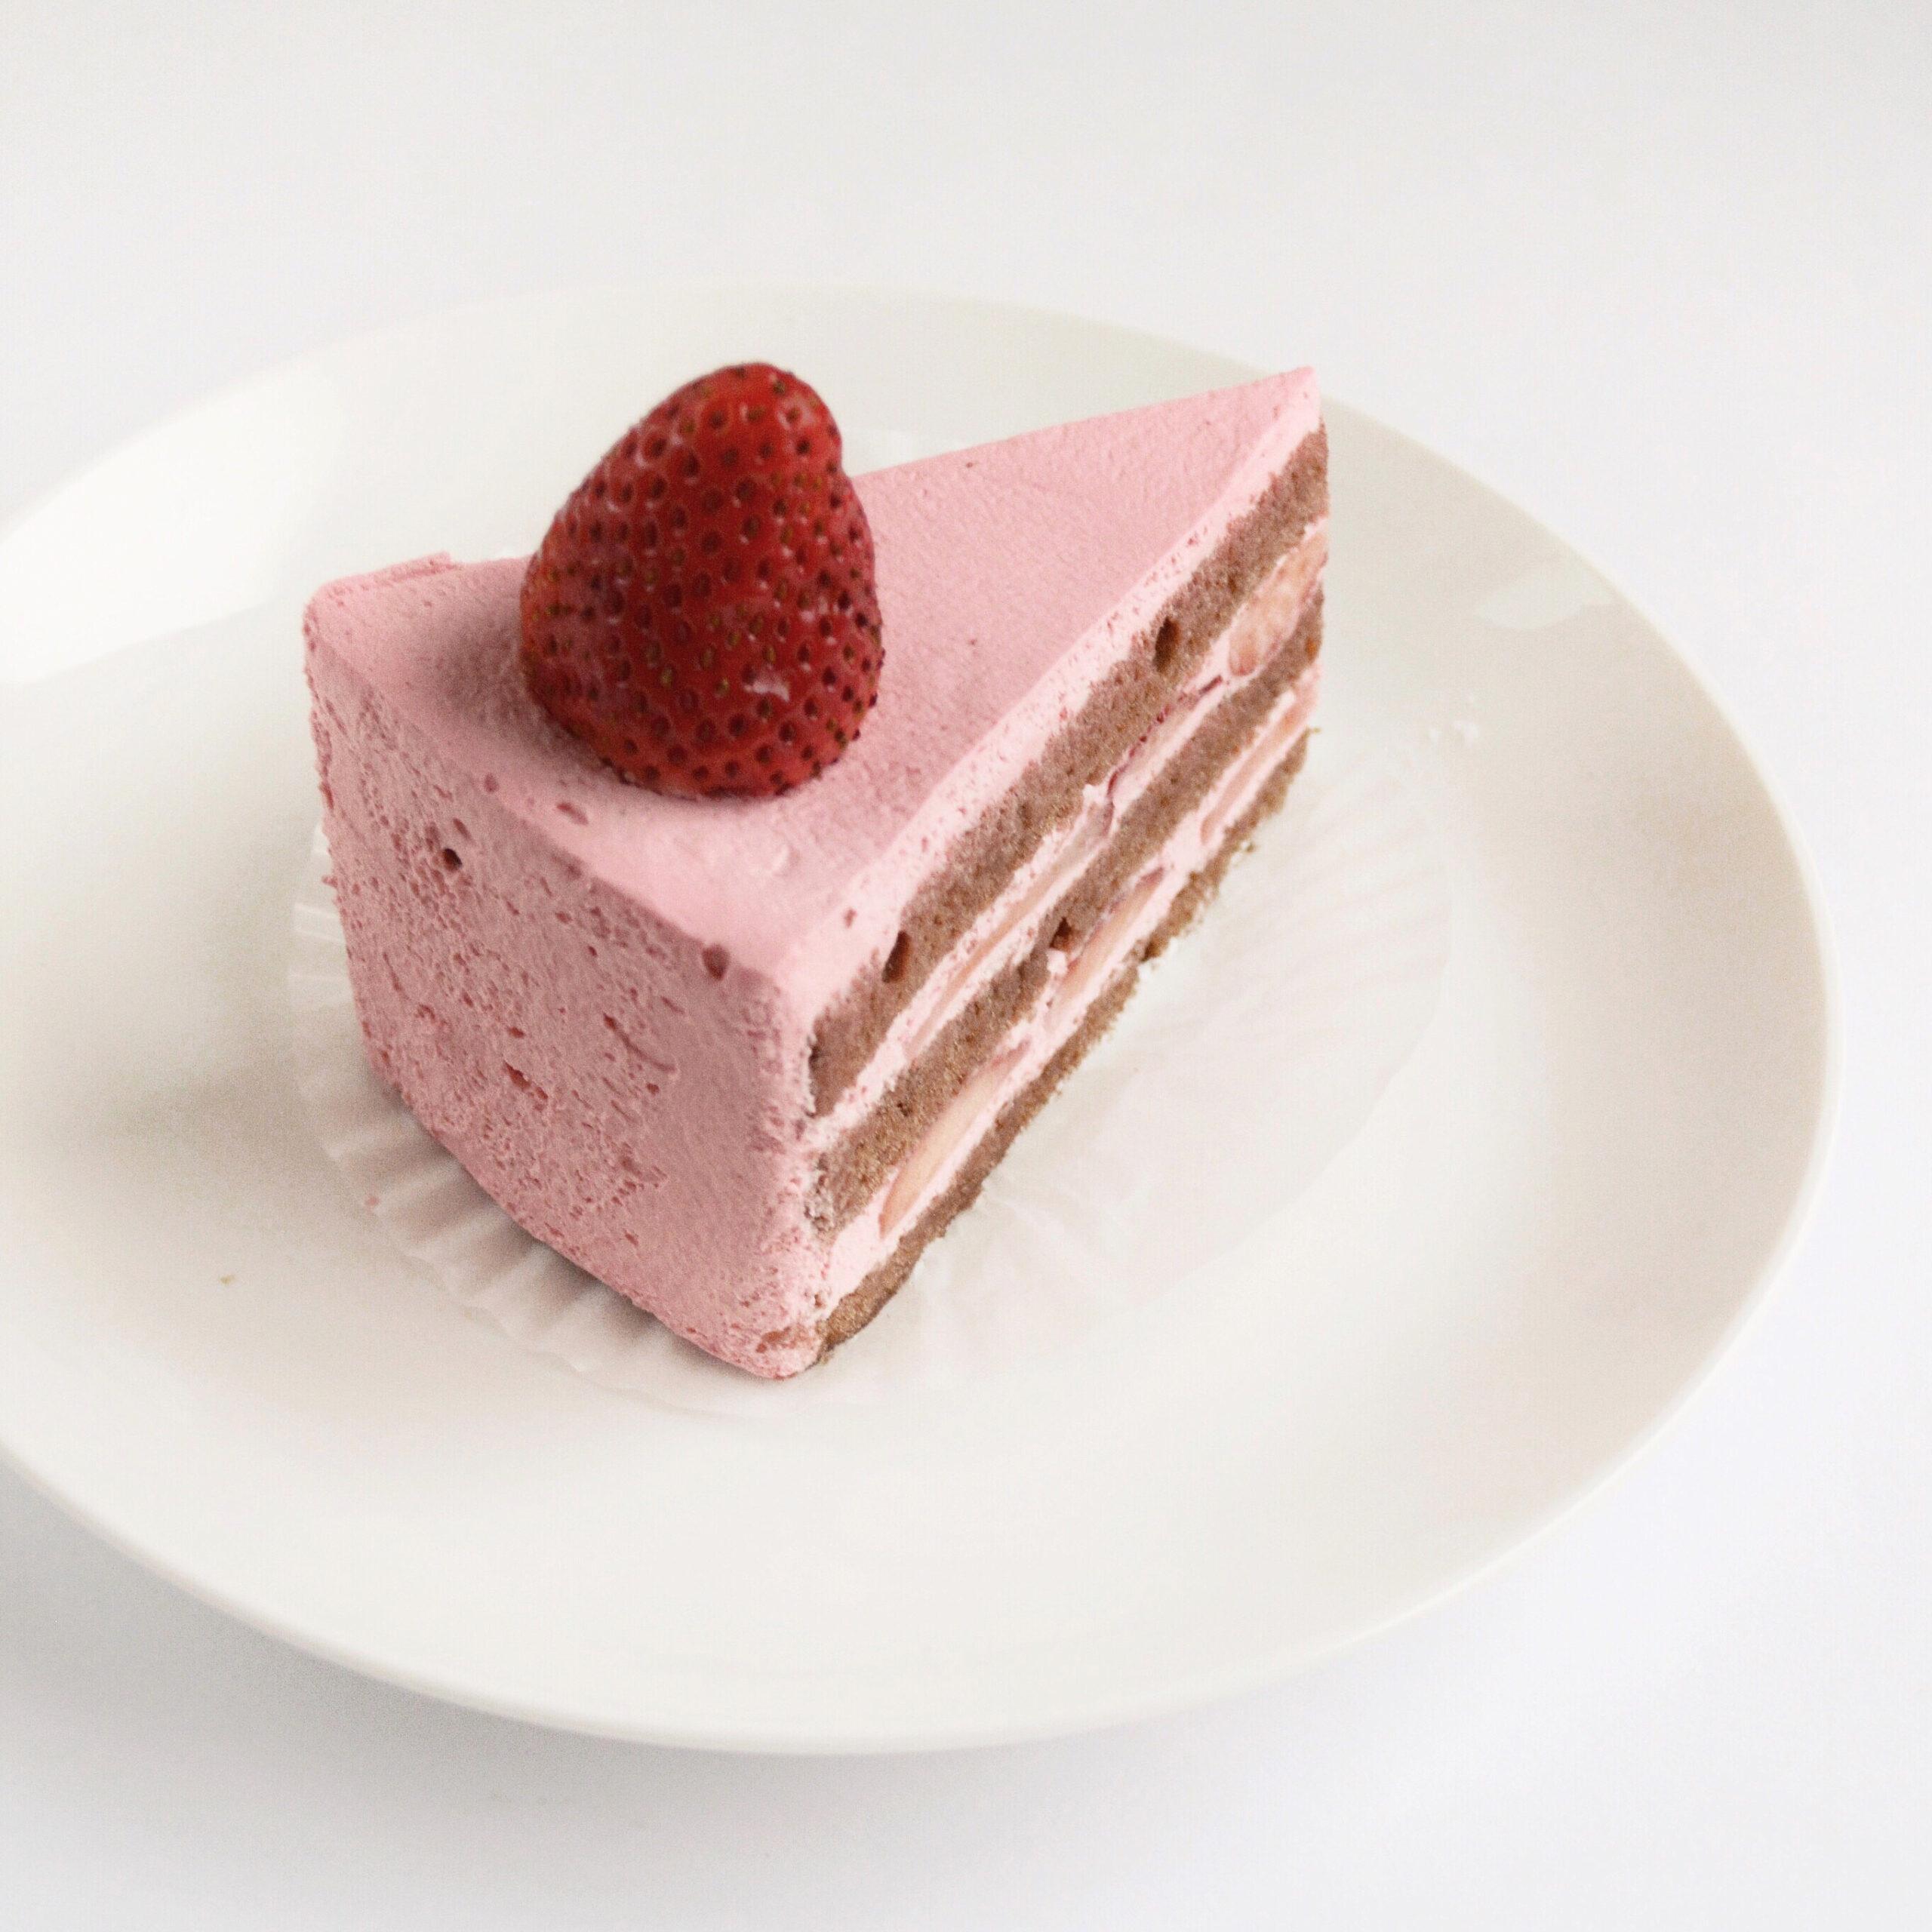 ケーキももっと食べたいって思うでしょ?